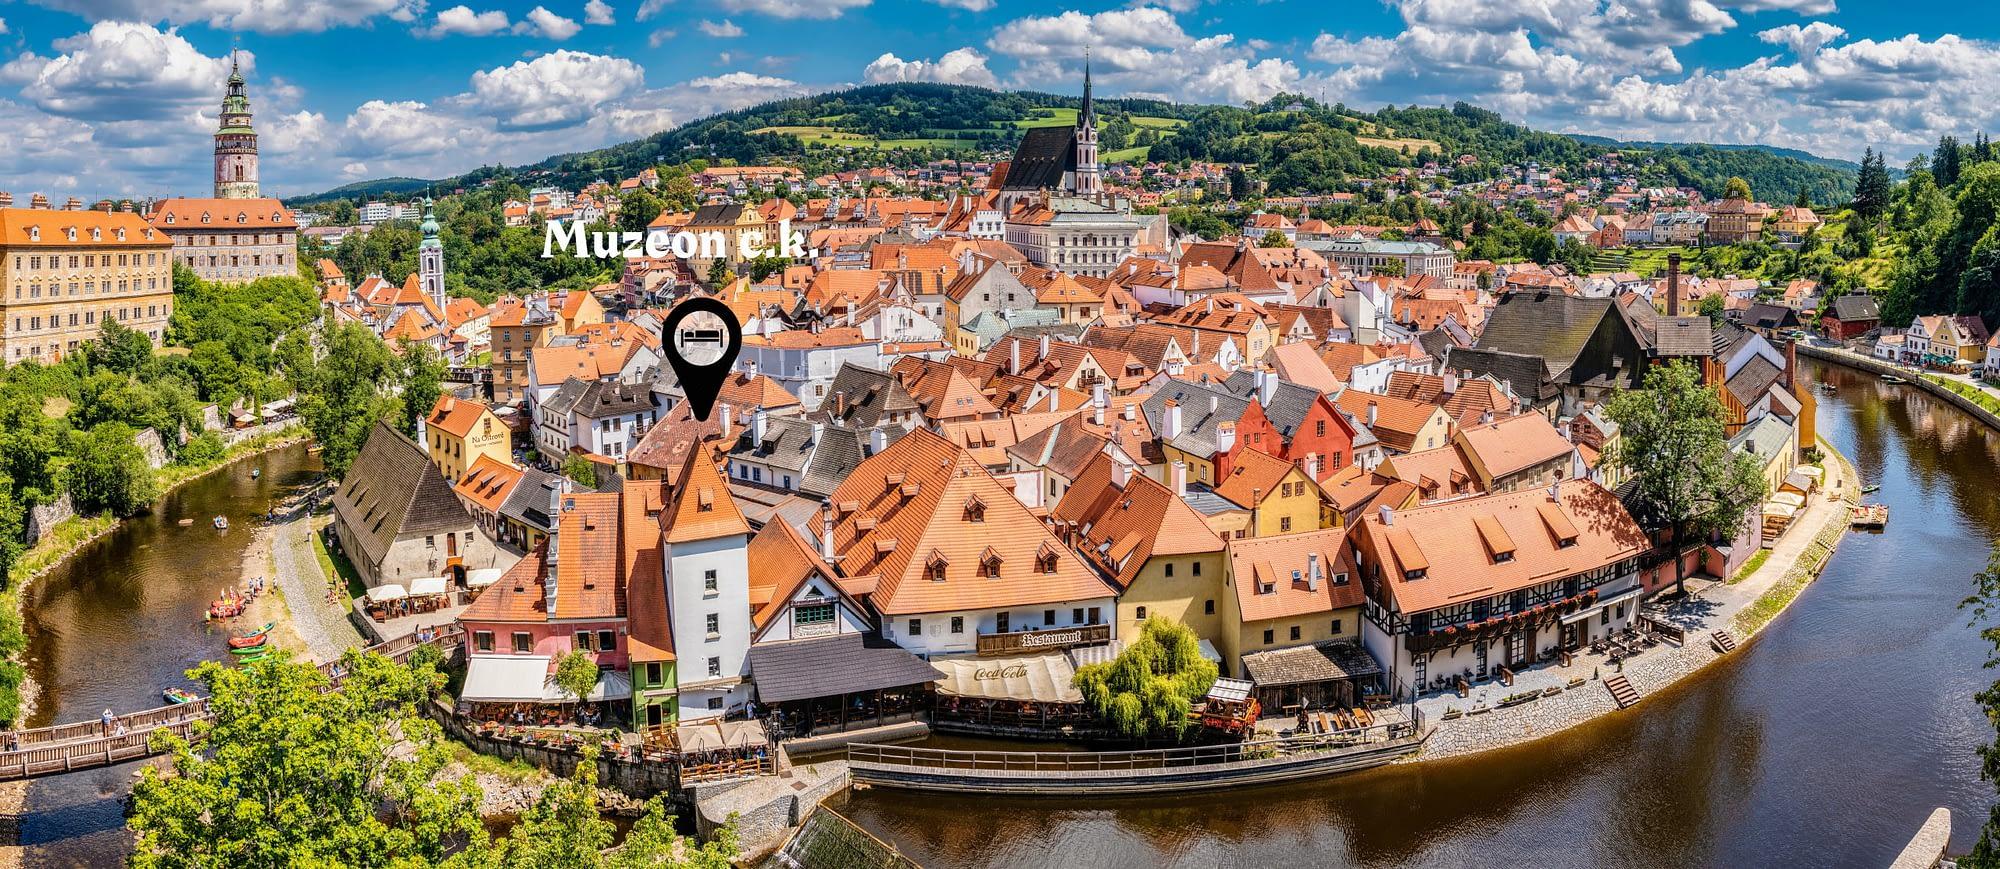 Český Krumlov - levné ubytování v centru města